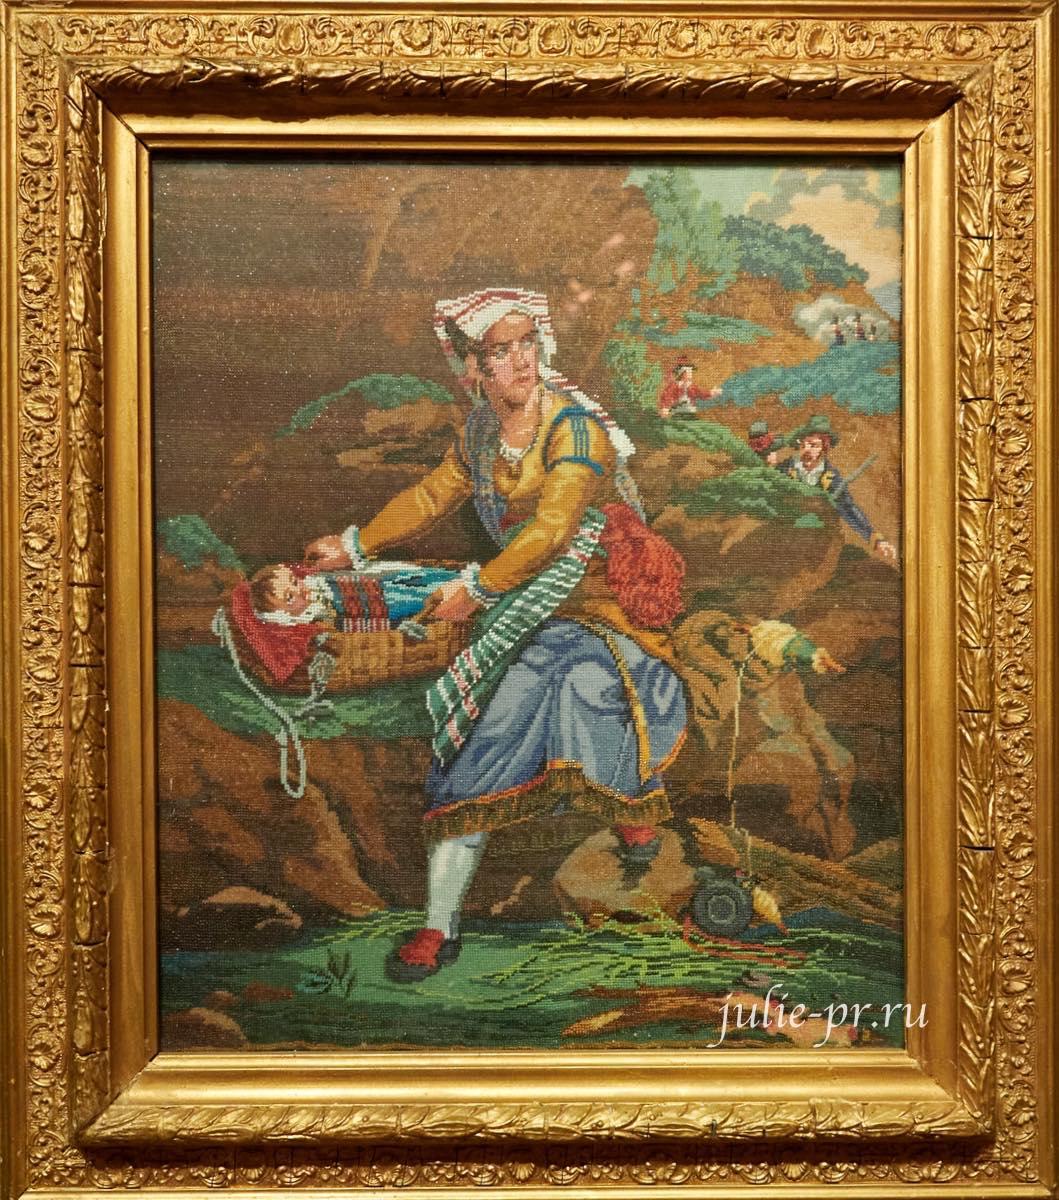 Жена итальянского разбойника, 3-я четверть XIX века, вышивка бисером, выставка Старинные вышивки